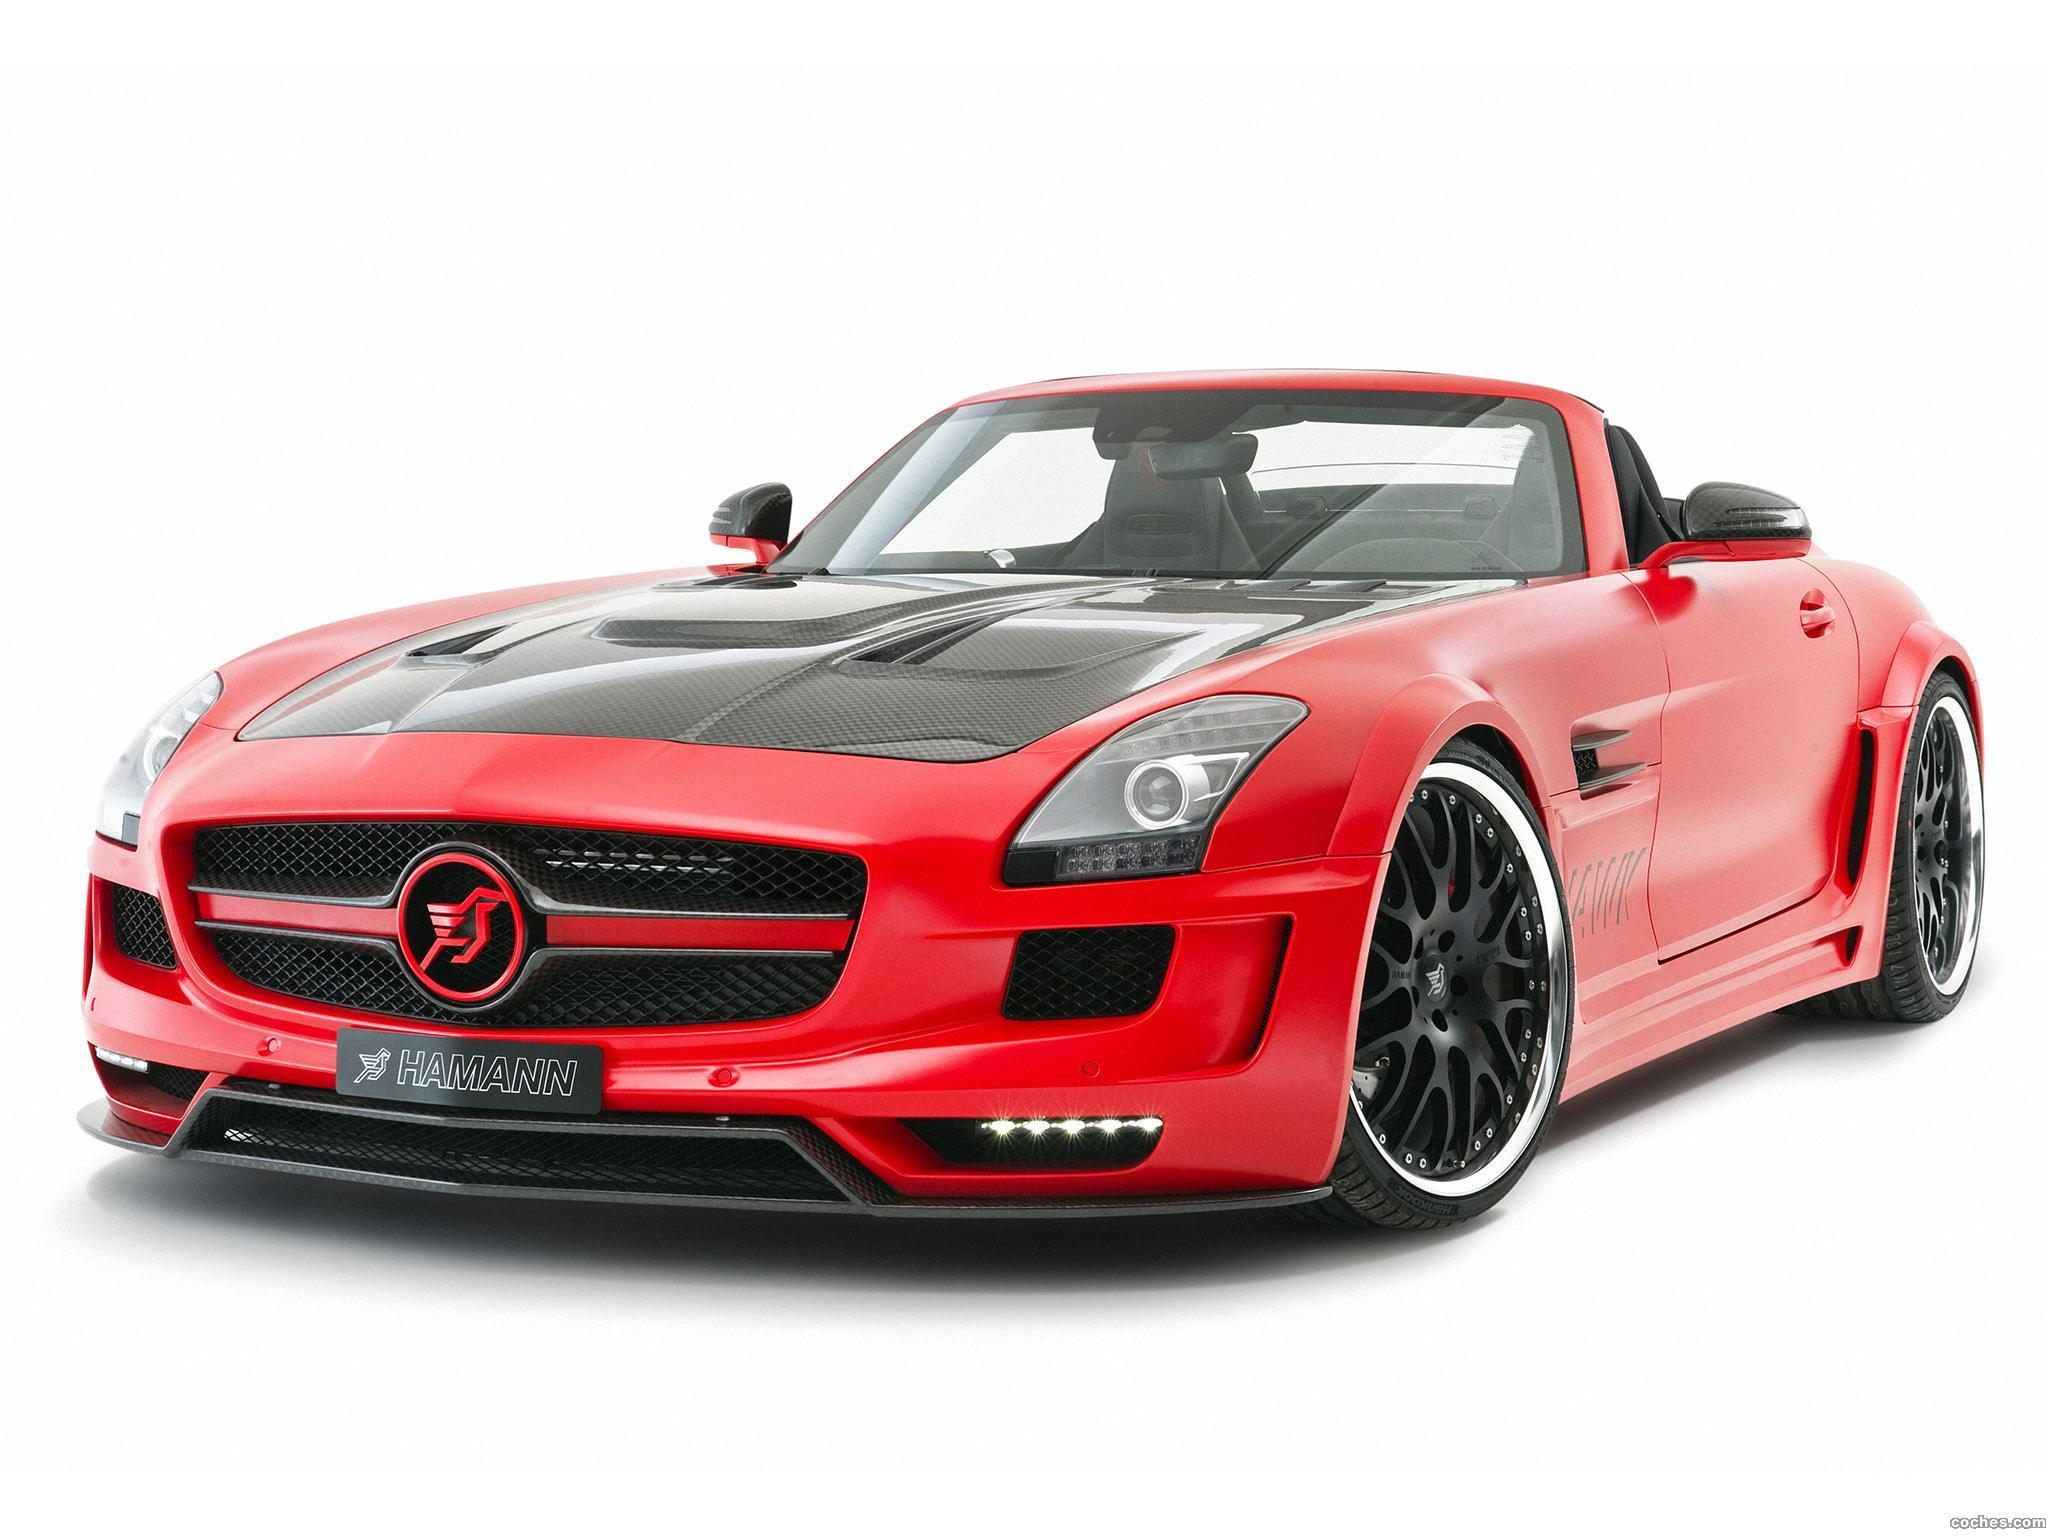 hamann_amg-mercedes-sls-hawk-roadster-2012_r16